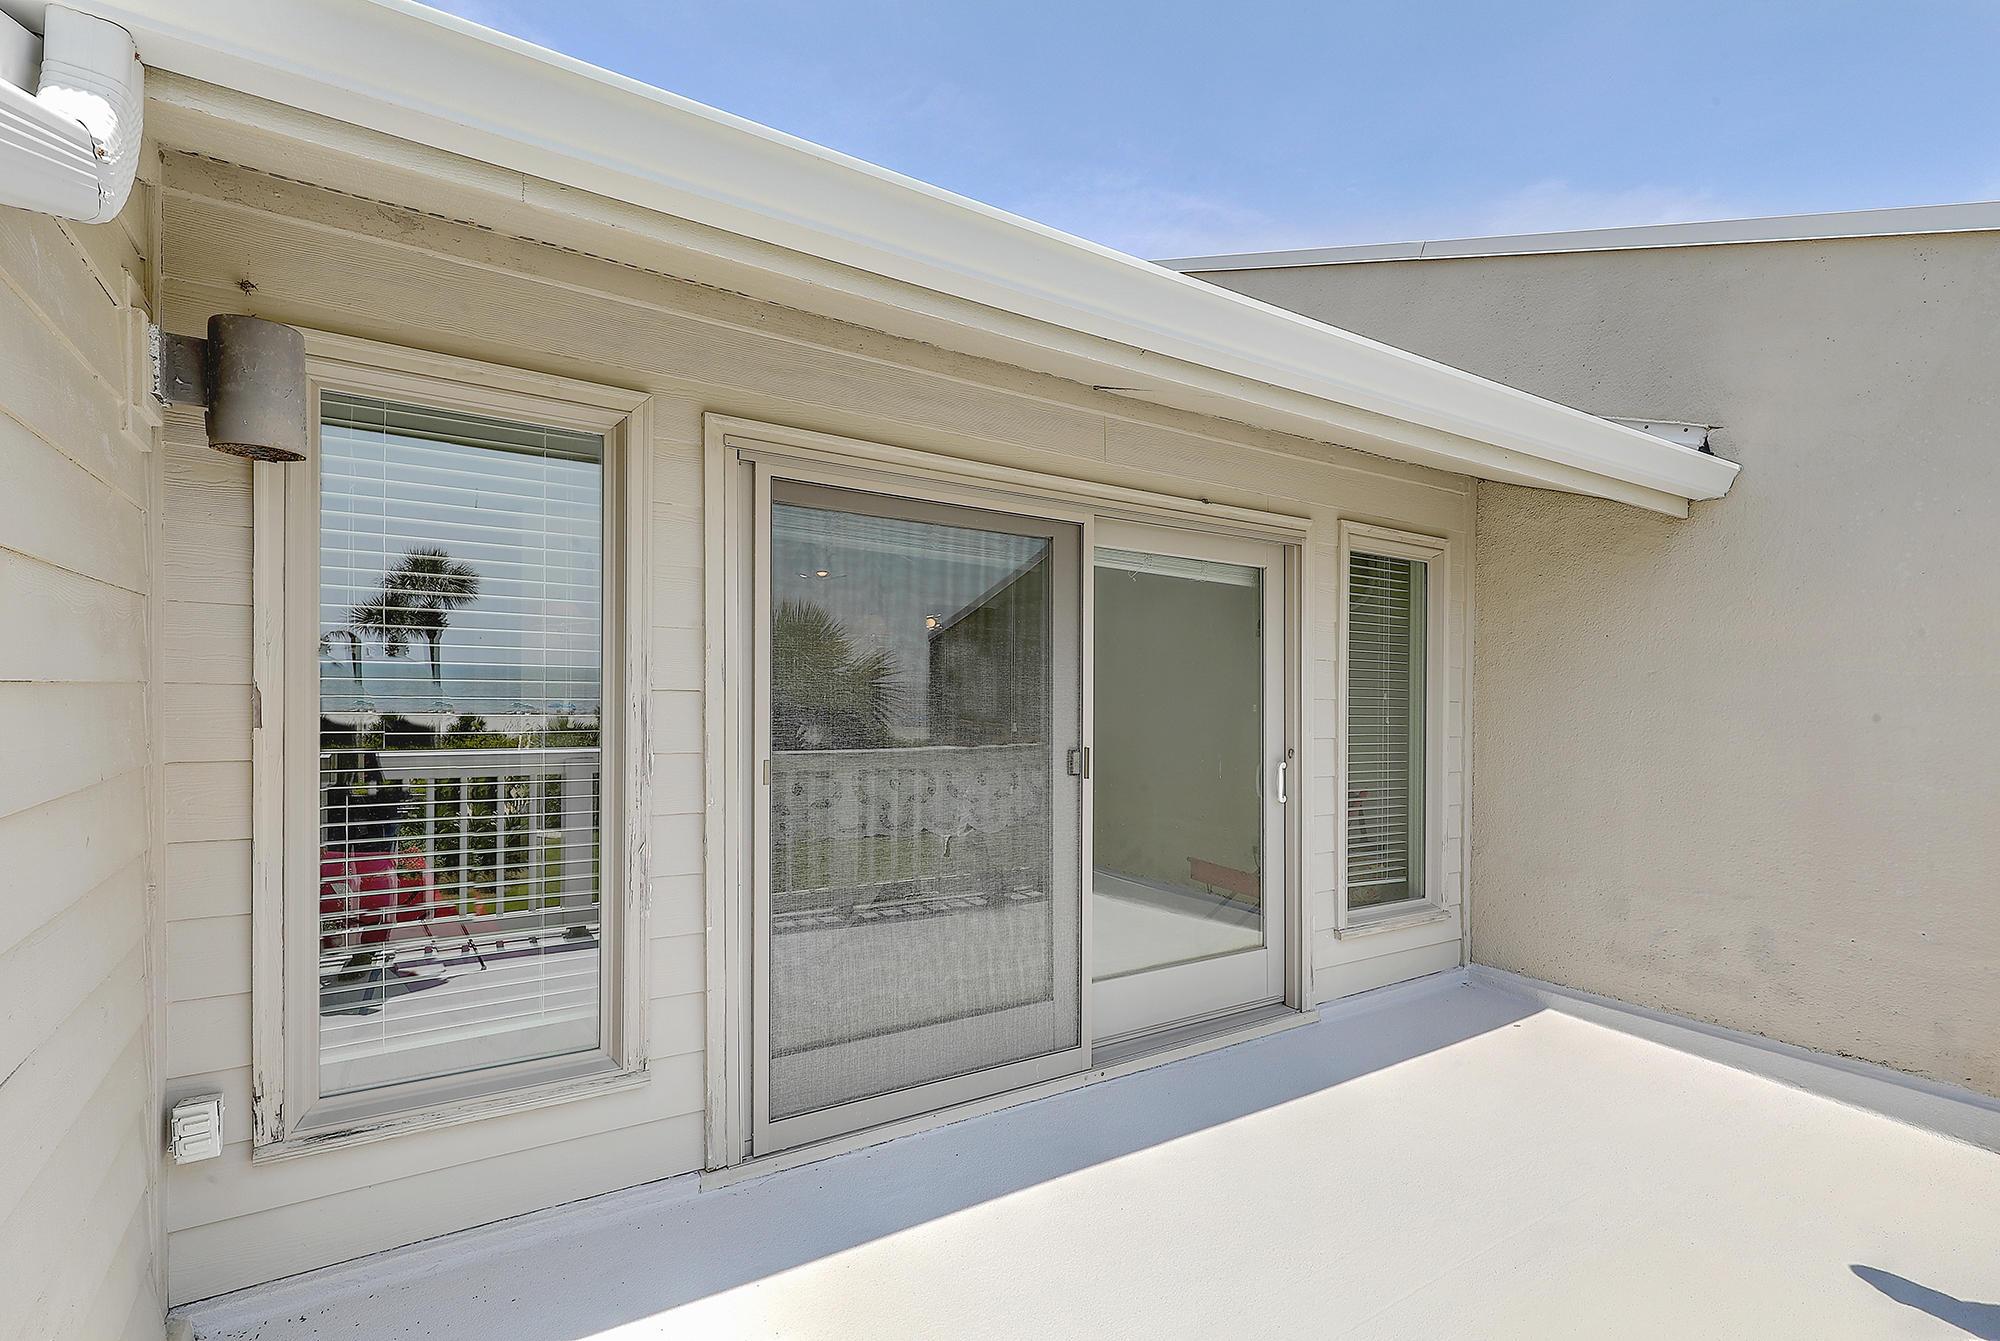 Beach Club Villas Homes For Sale - 15 Beach Club Villas, Isle of Palms, SC - 17